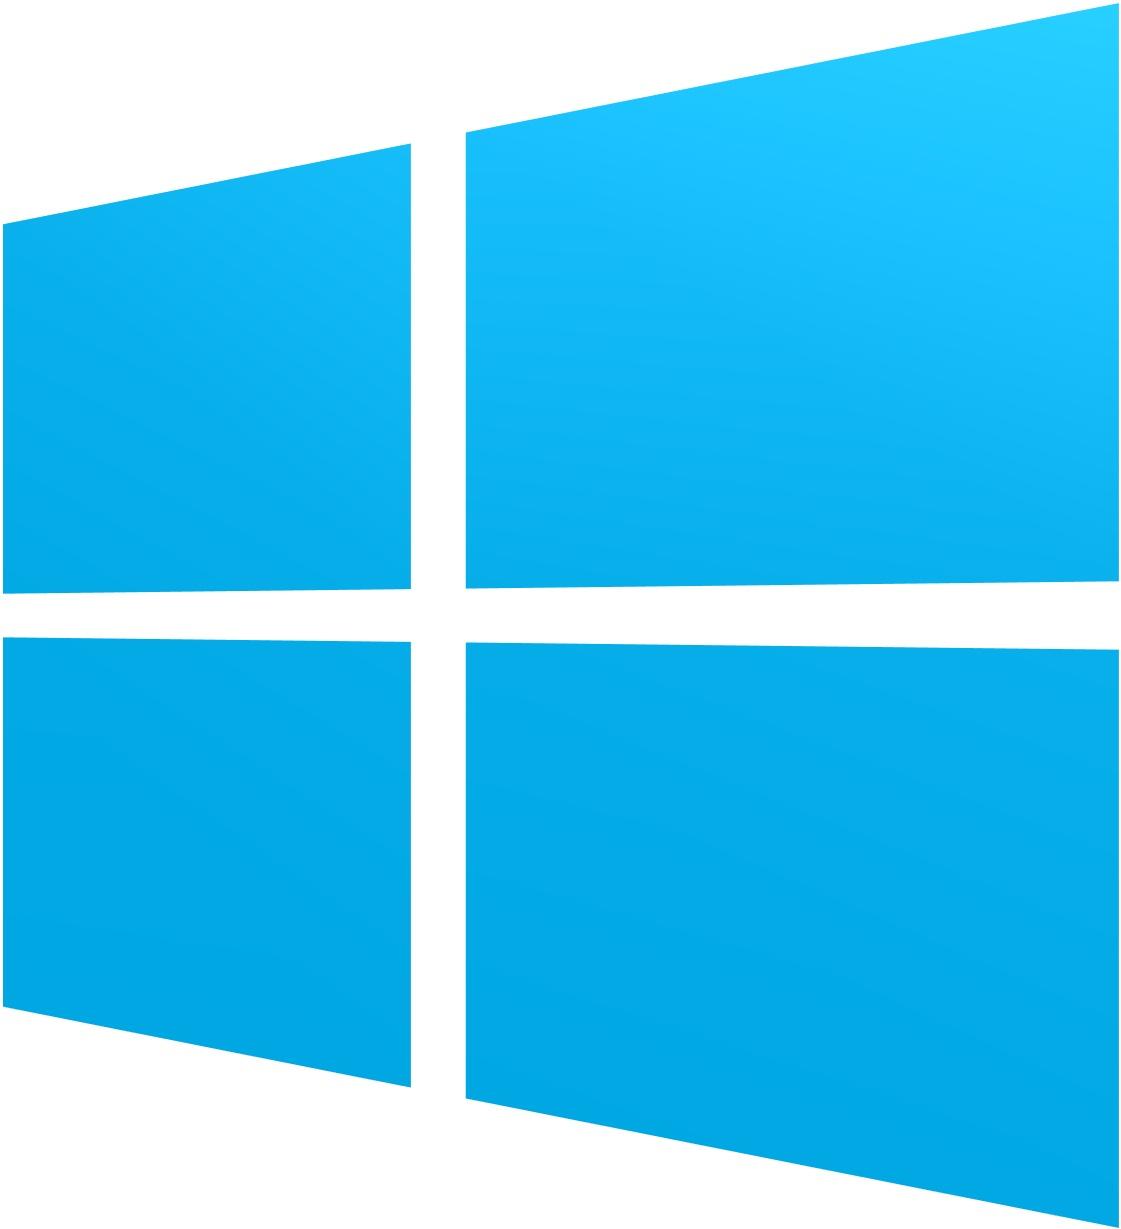 Лого windows 8, бесплатные фото, обои ...: pictures11.ru/logo-windows-8.html